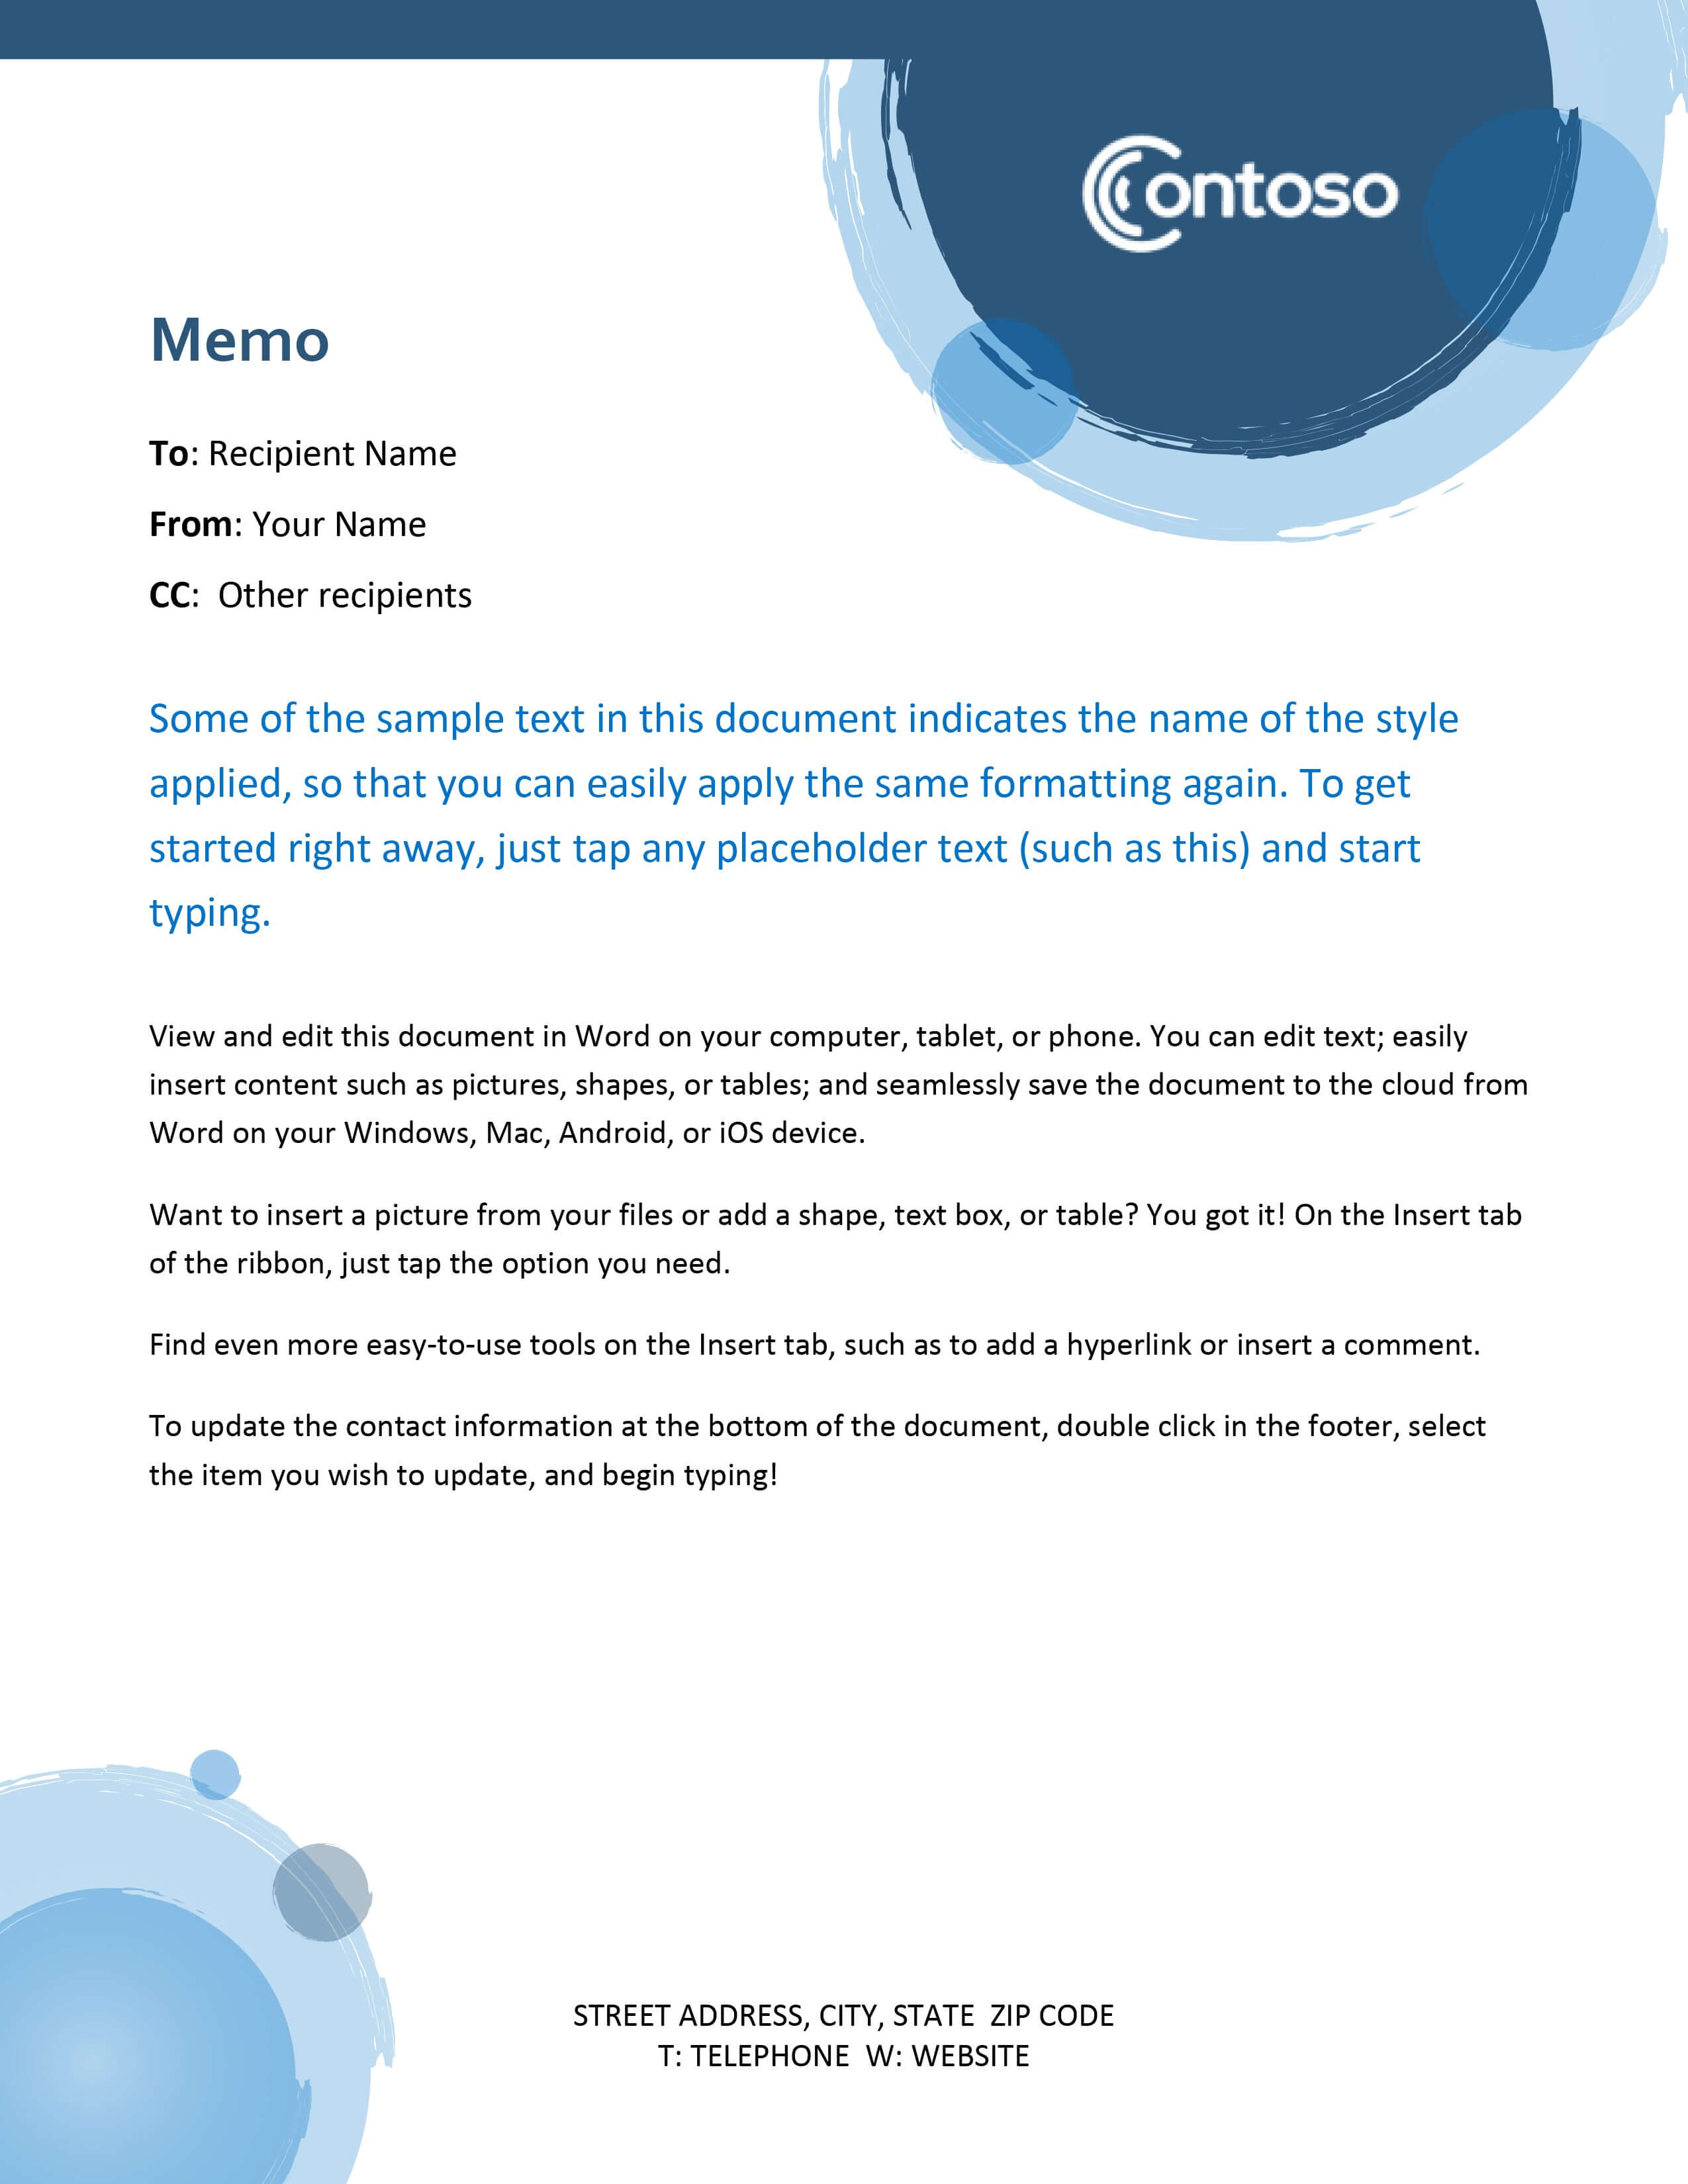 Memos - Office Inside Memo Template Word 2010